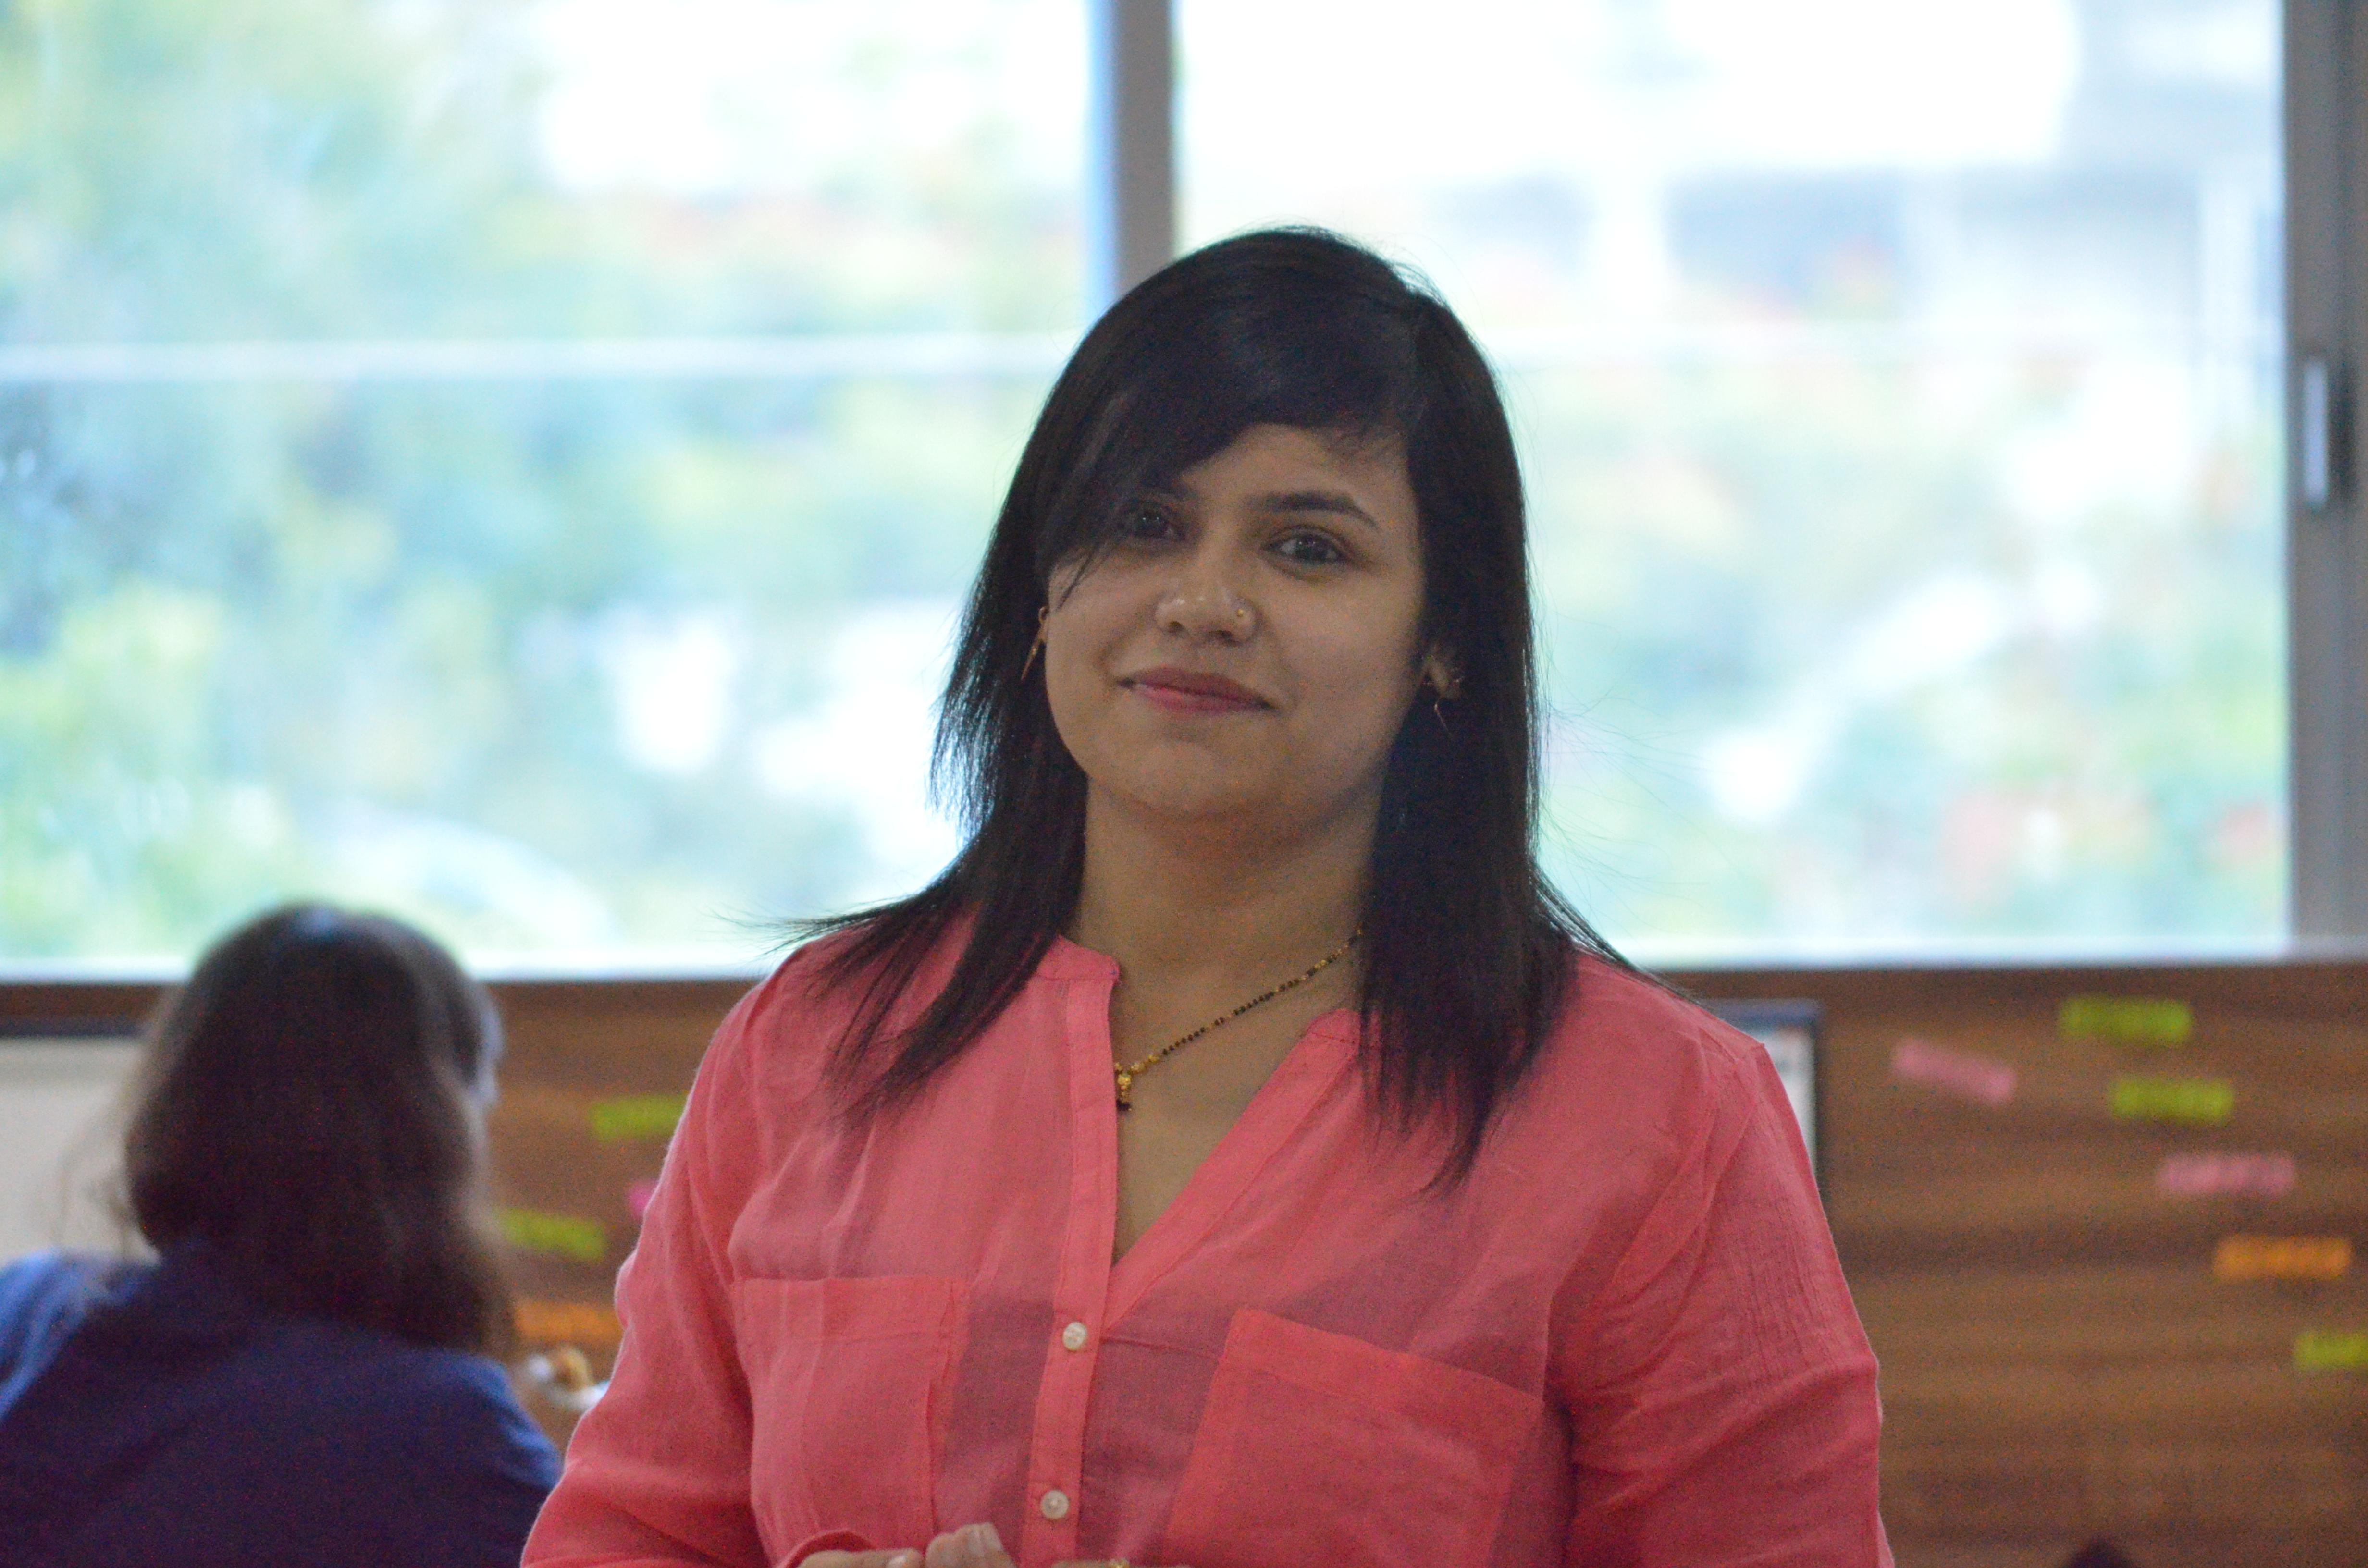 Shweta Urmaliya